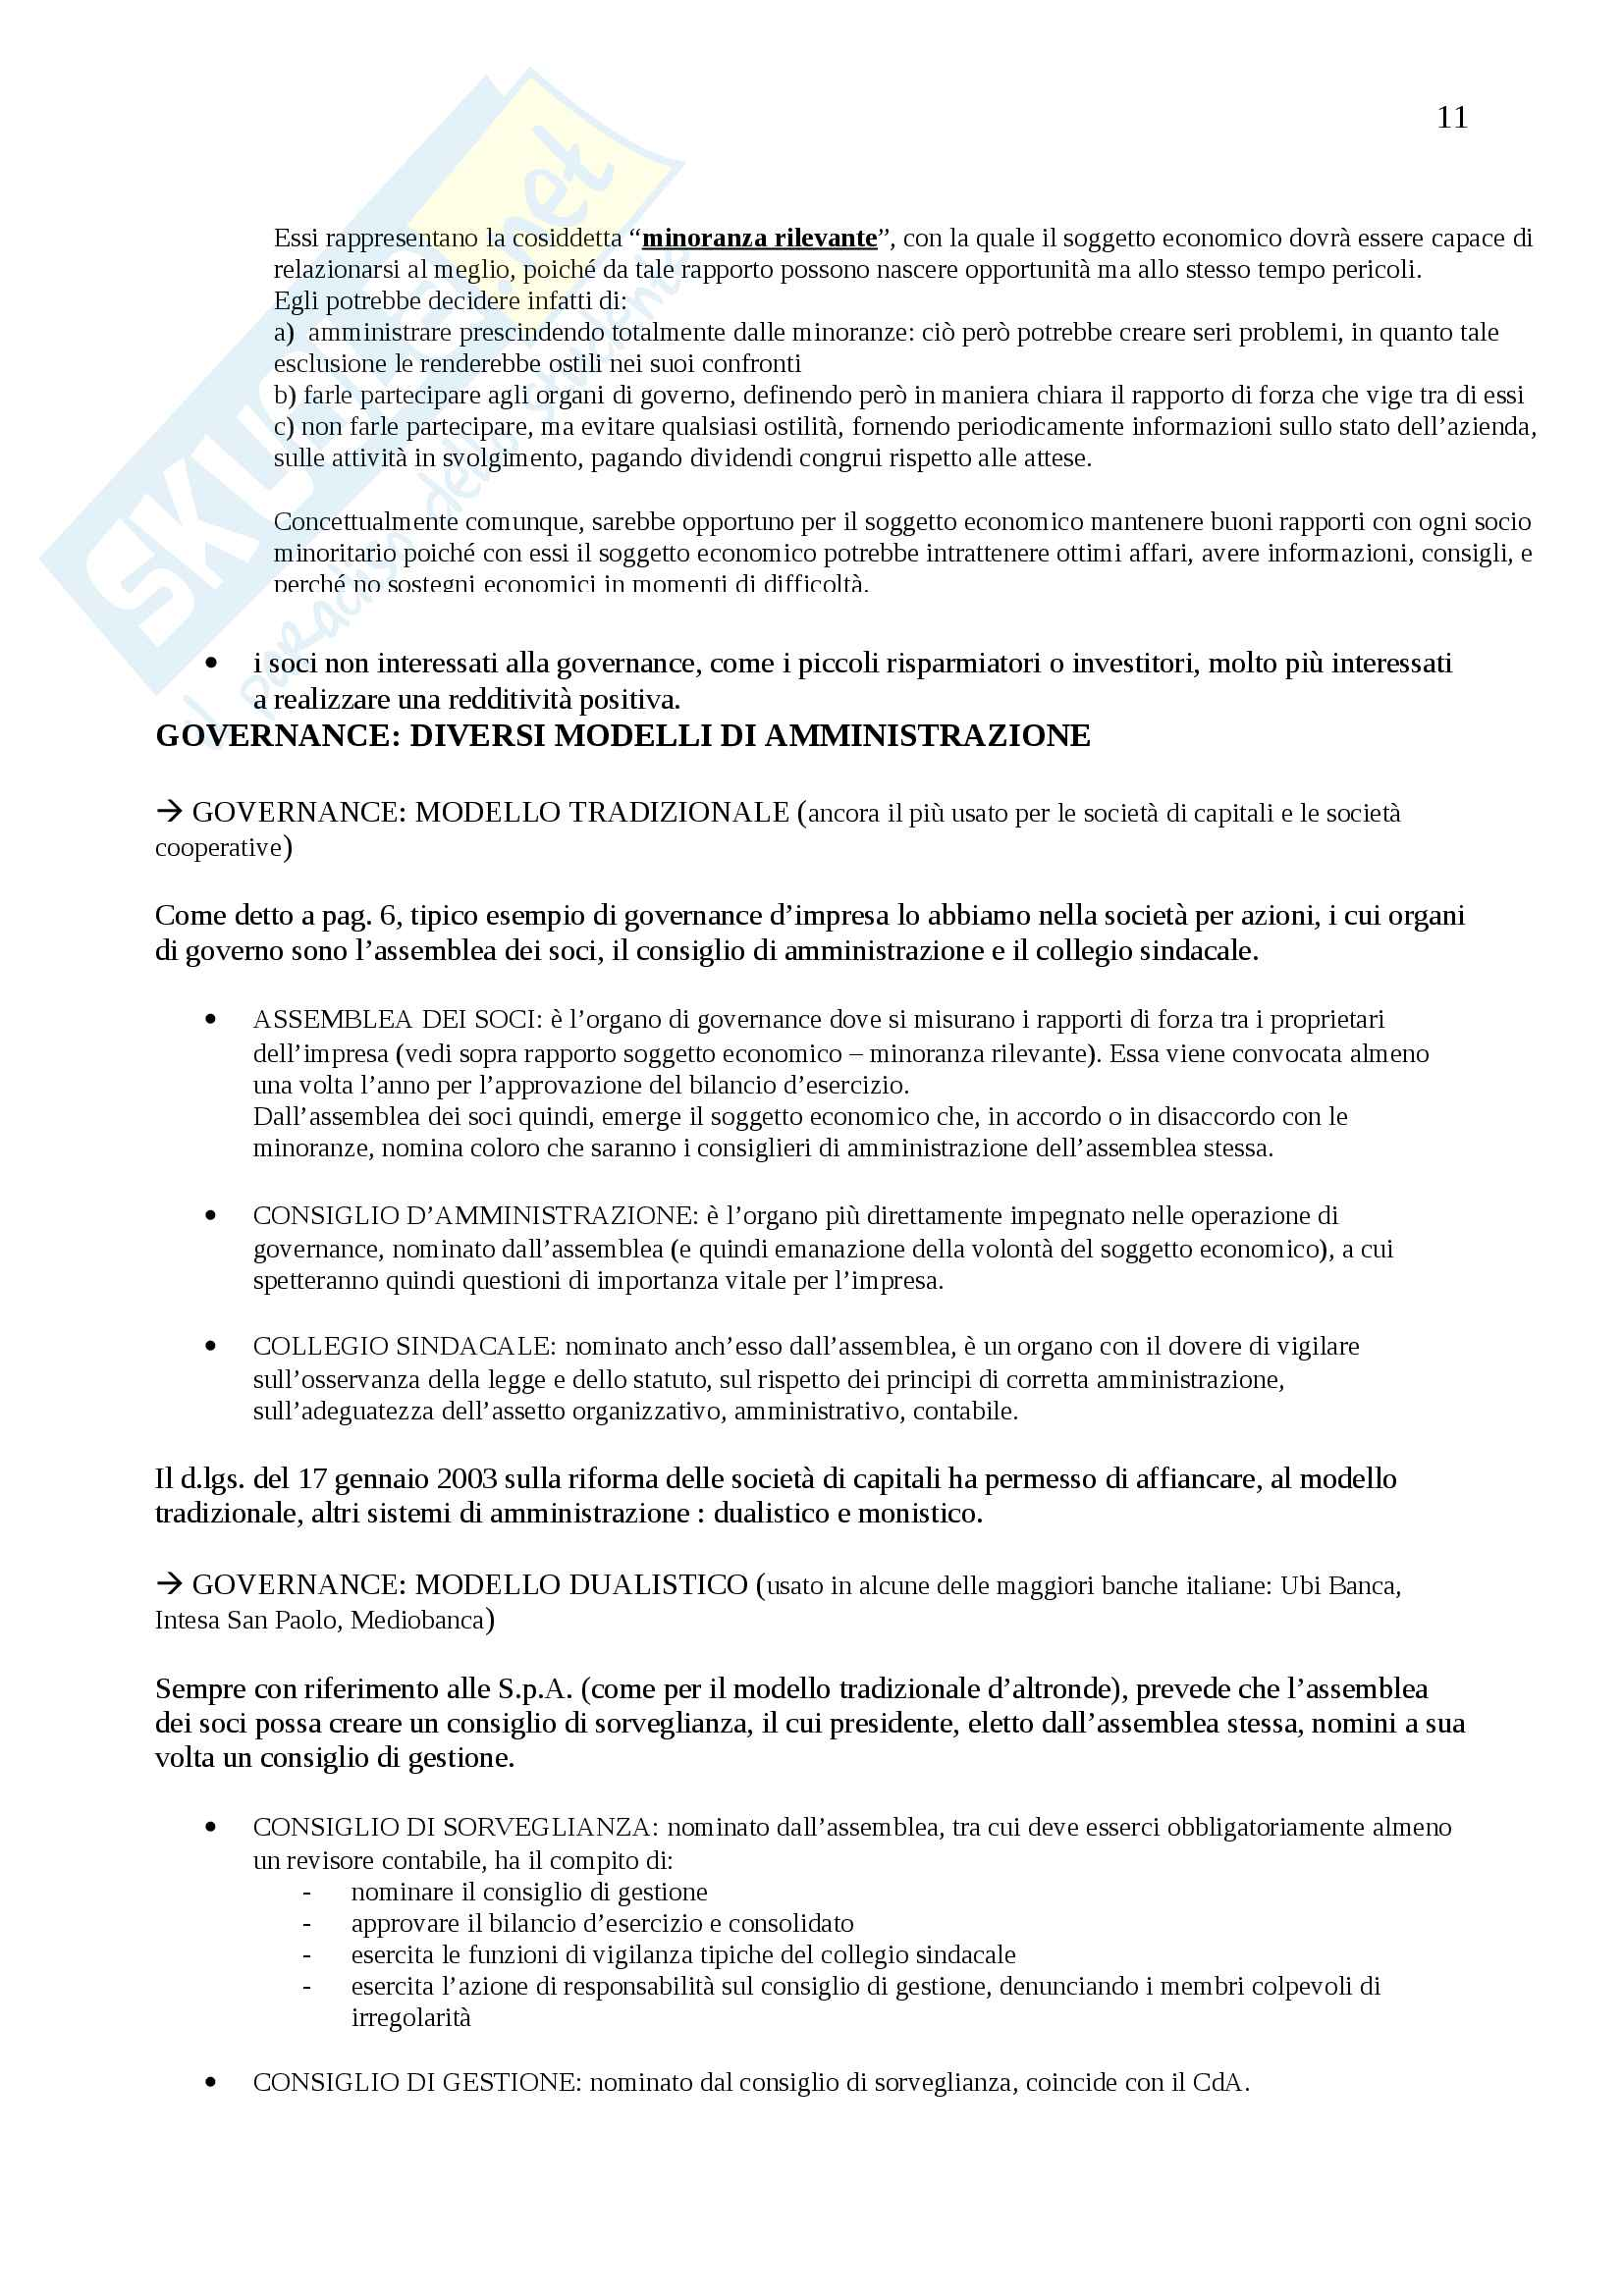 Appunti Economia e gestione delle imprese, Prof. Vagnani Pag. 11